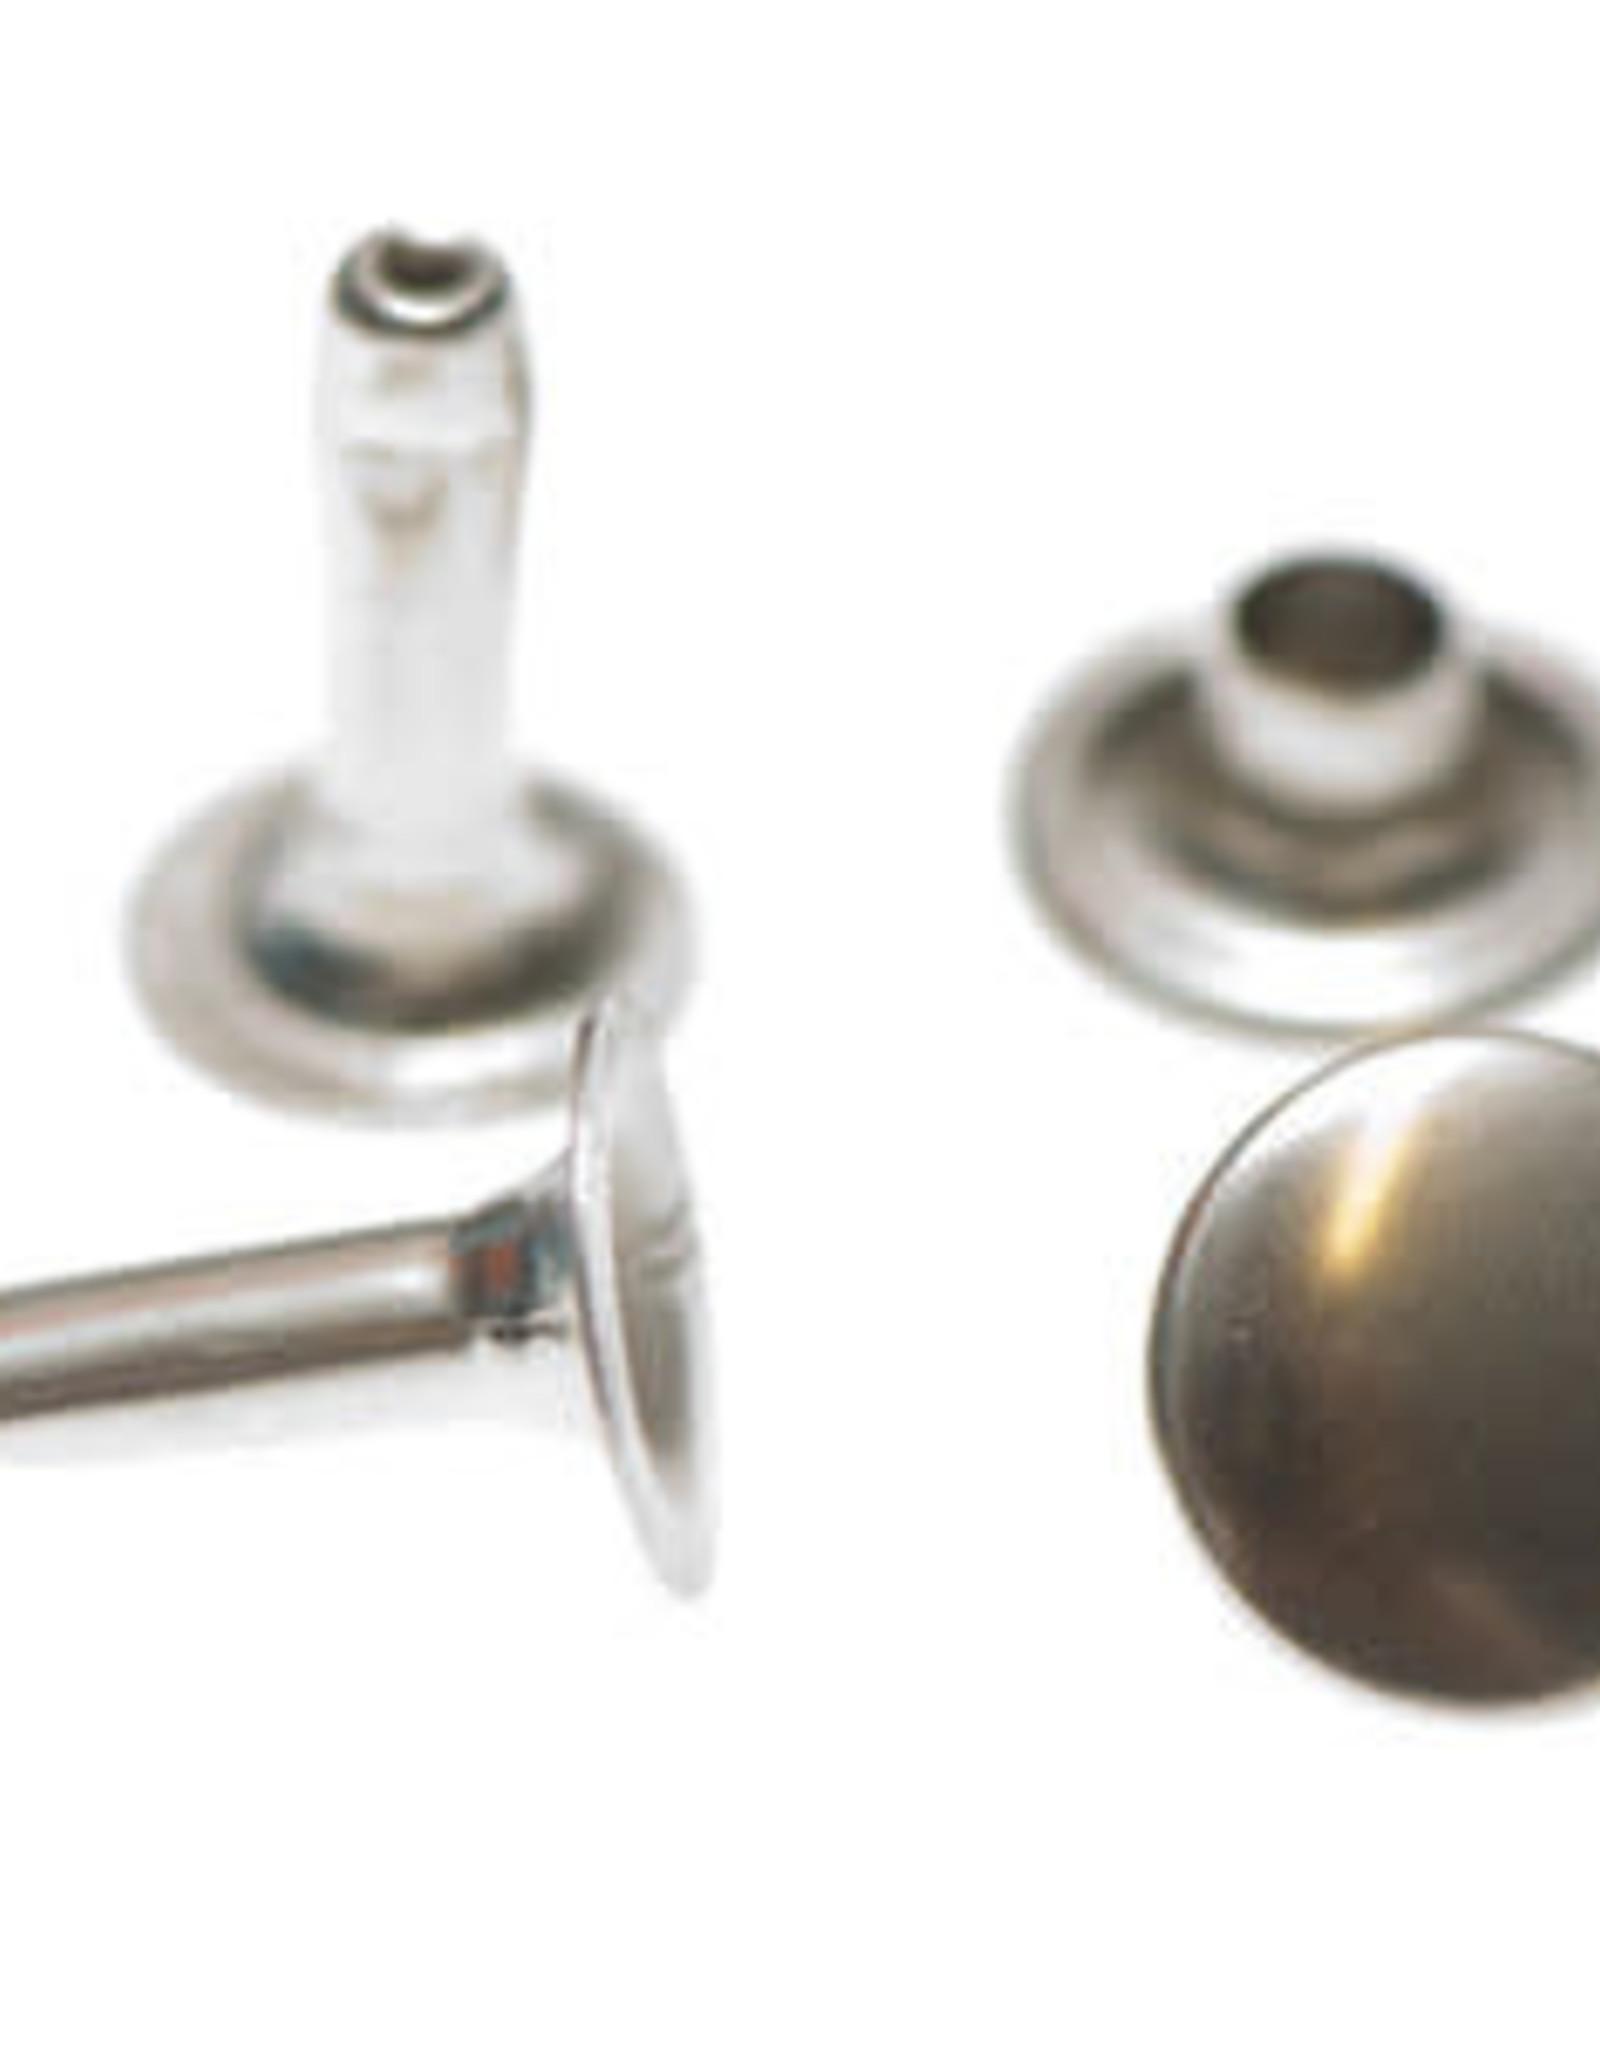 Holnieten 9mm - Nikkelkleurig - 10 stuks - LANGE PIN